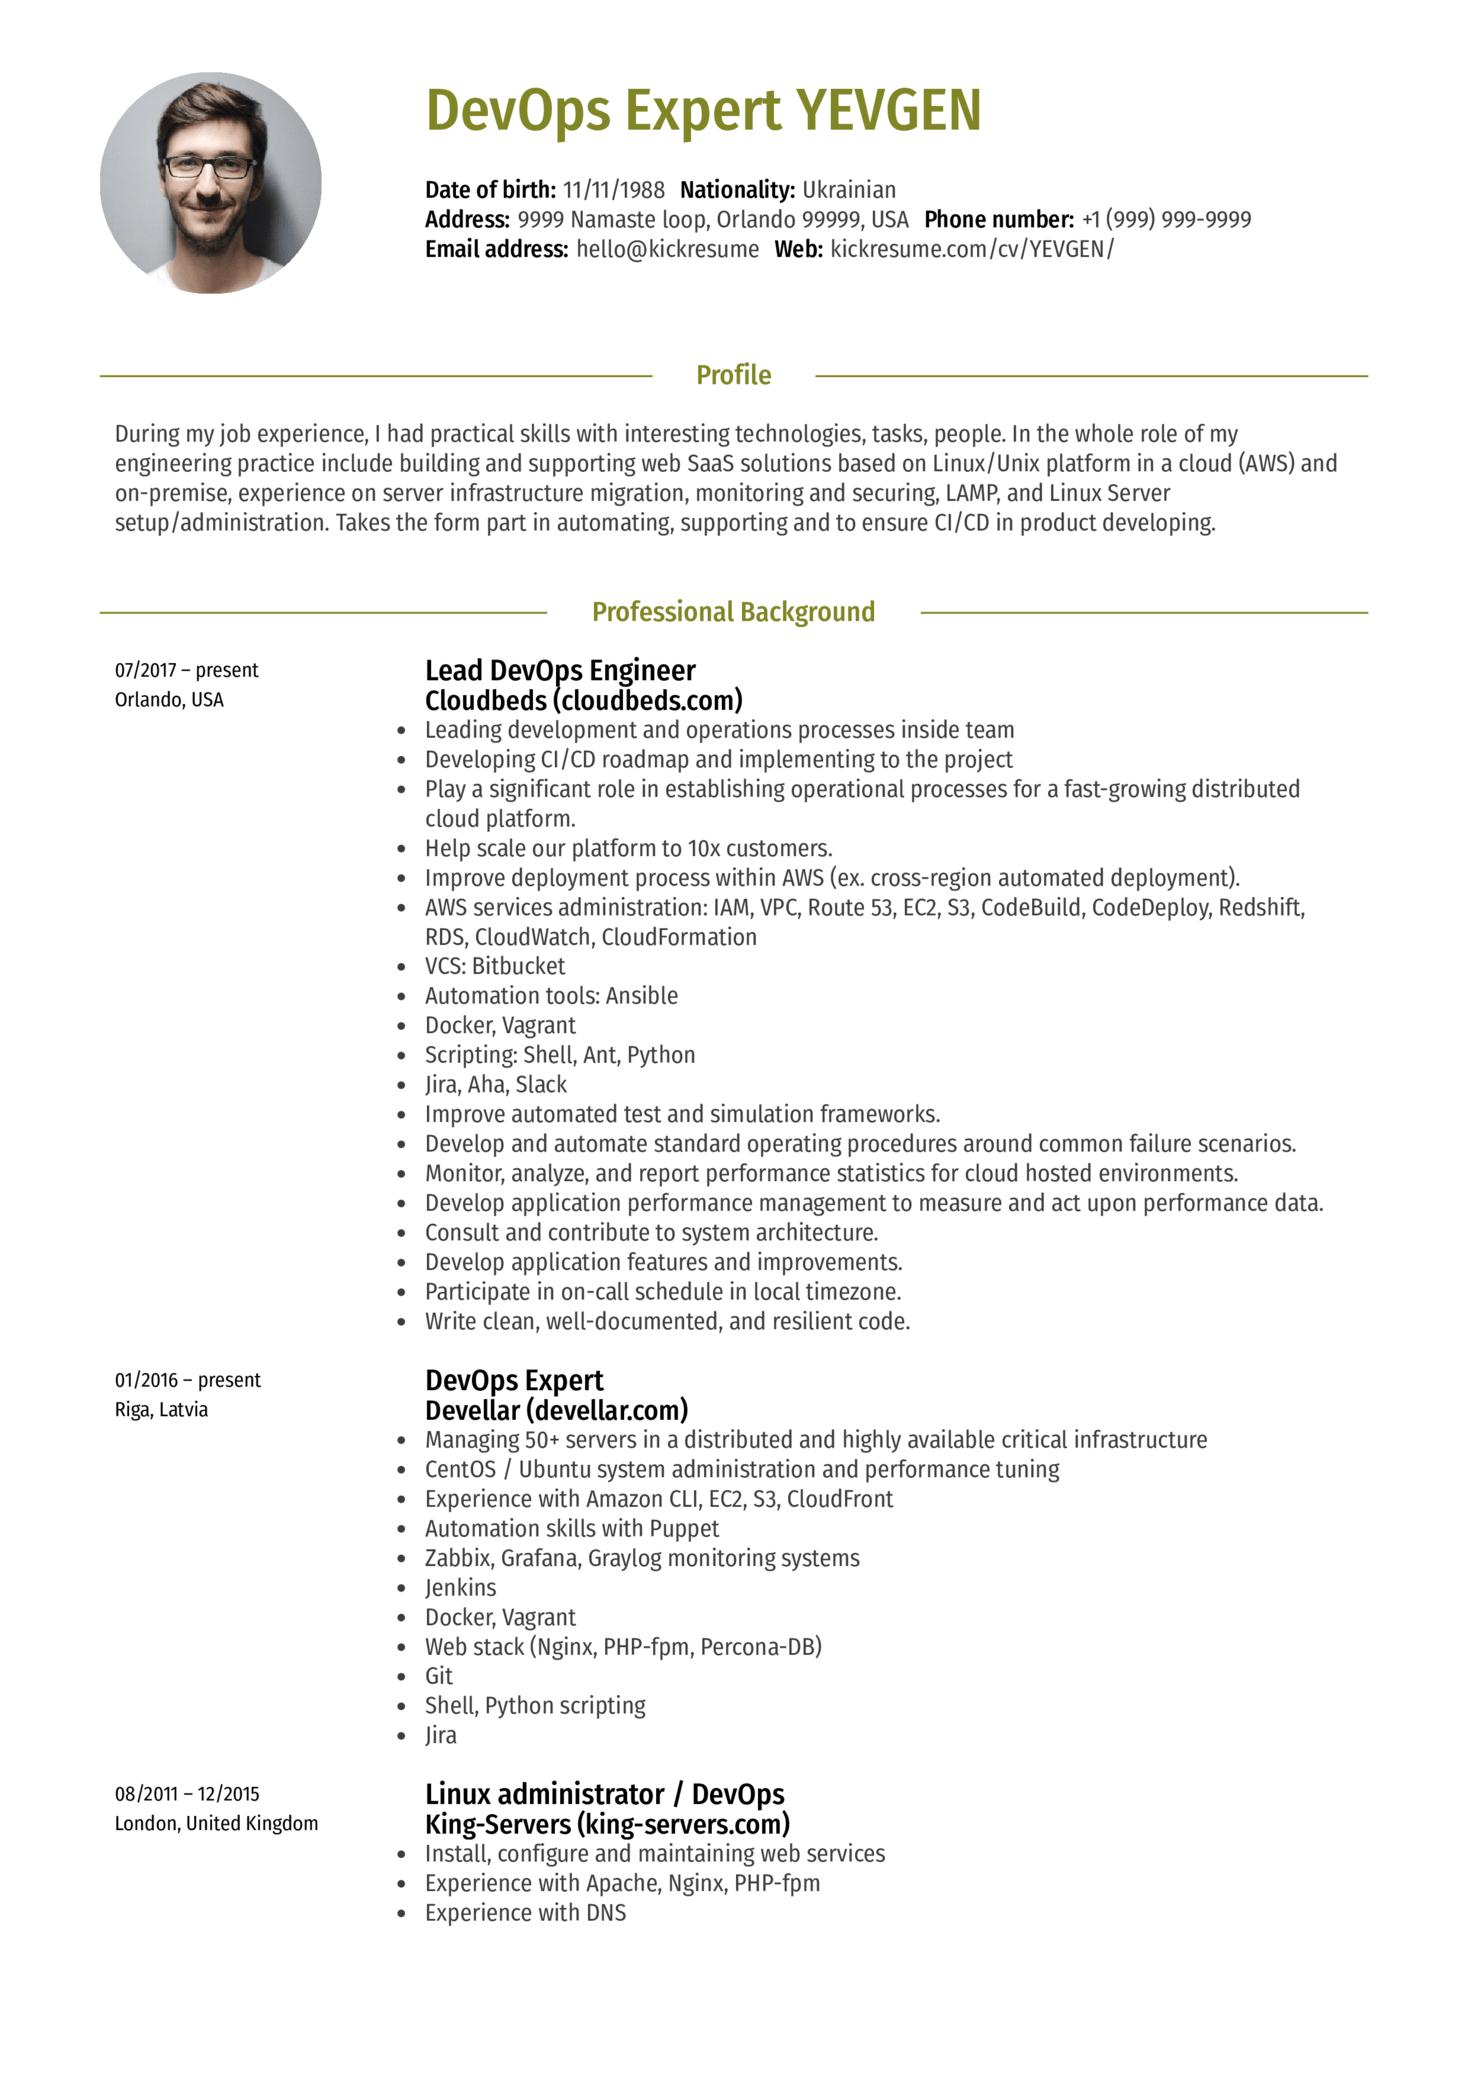 Lead Devops Engineer Resume Sample (časť 1)